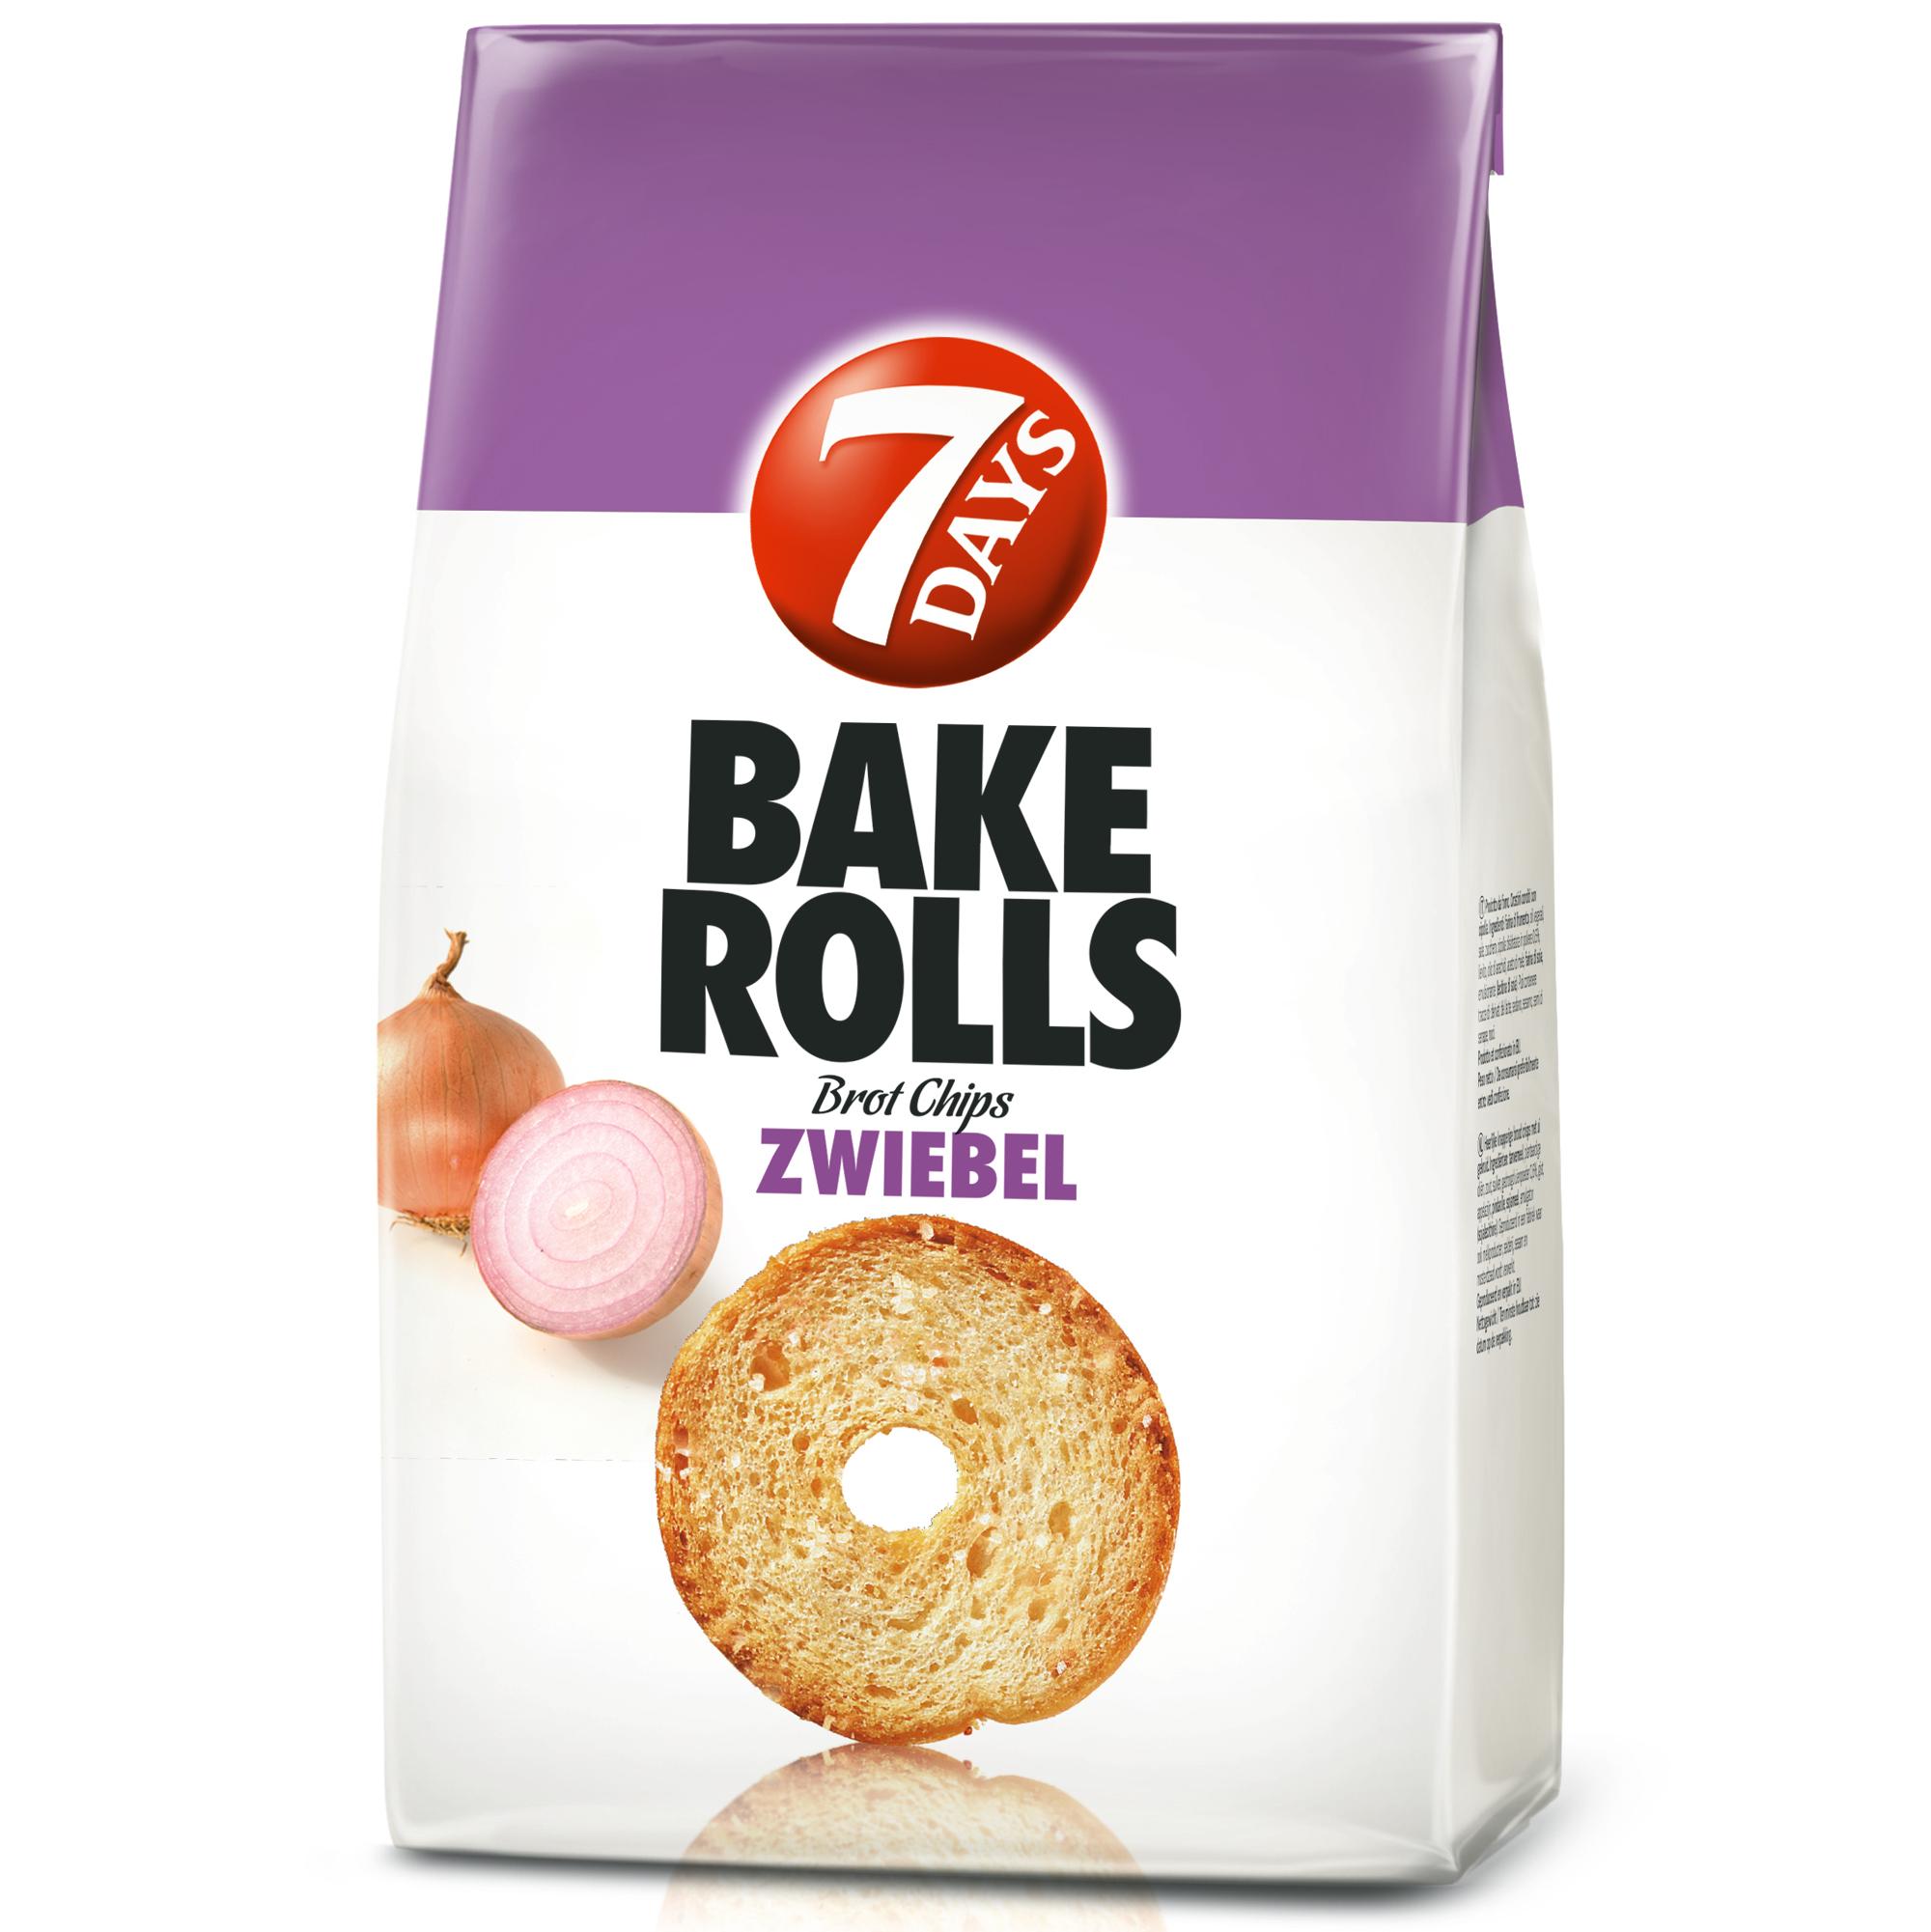 7days Bake Rolls